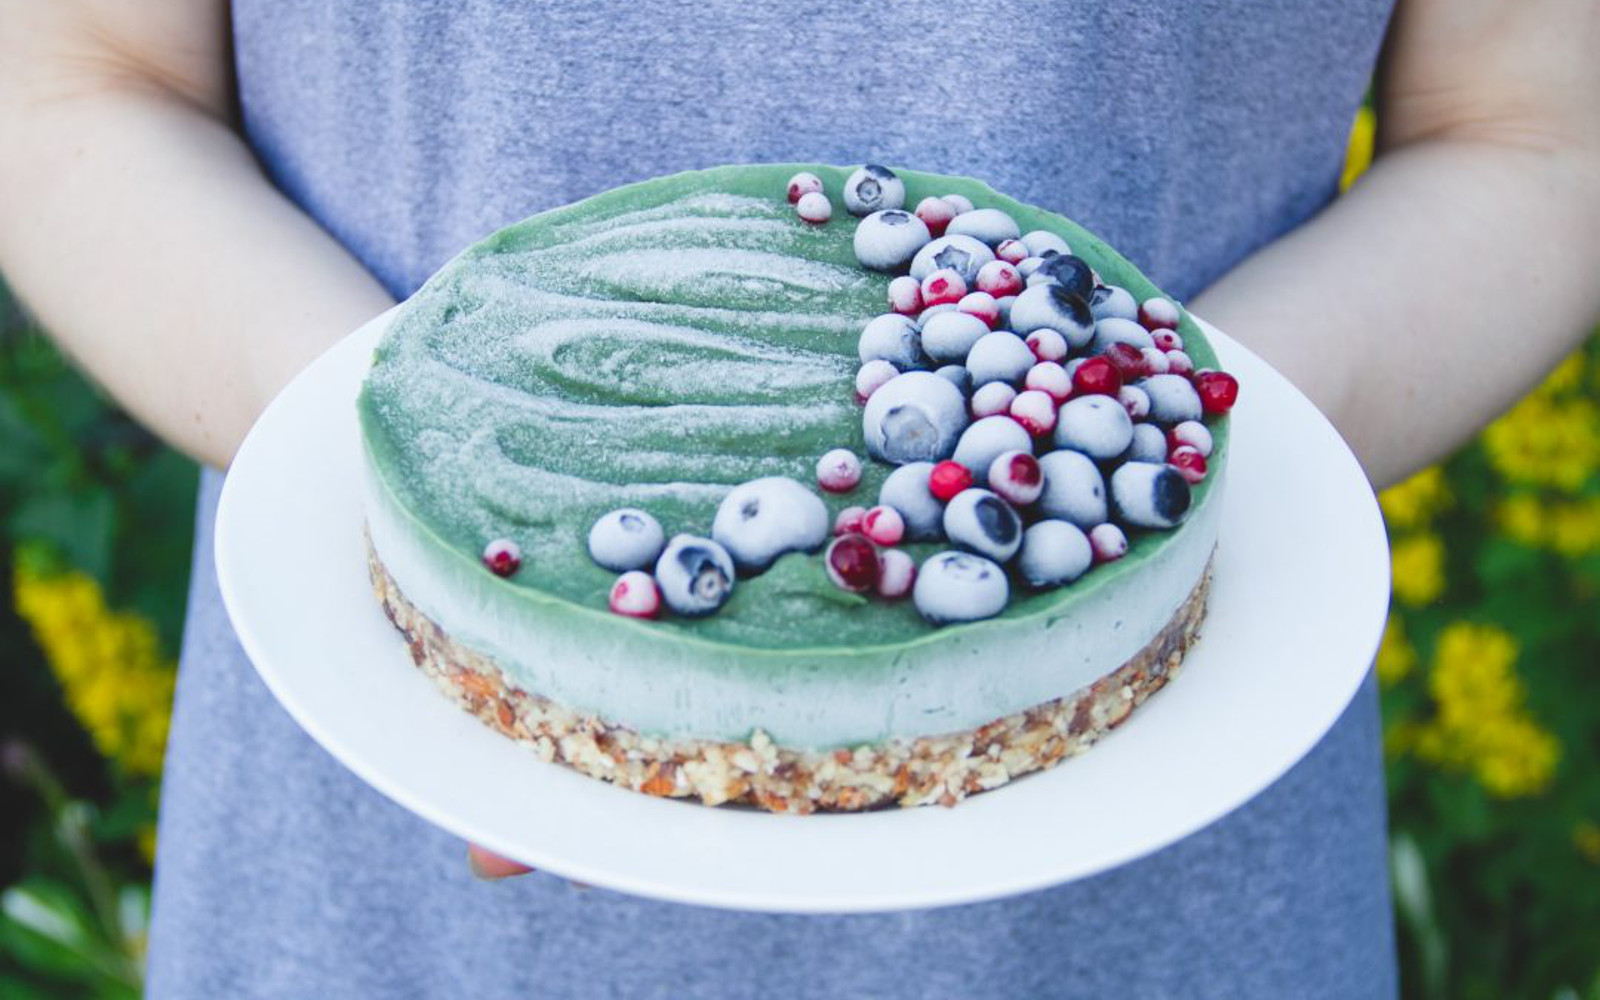 Vegan GLuten-Free Vegan Raw Superfood Avocado Cake with fruit topping